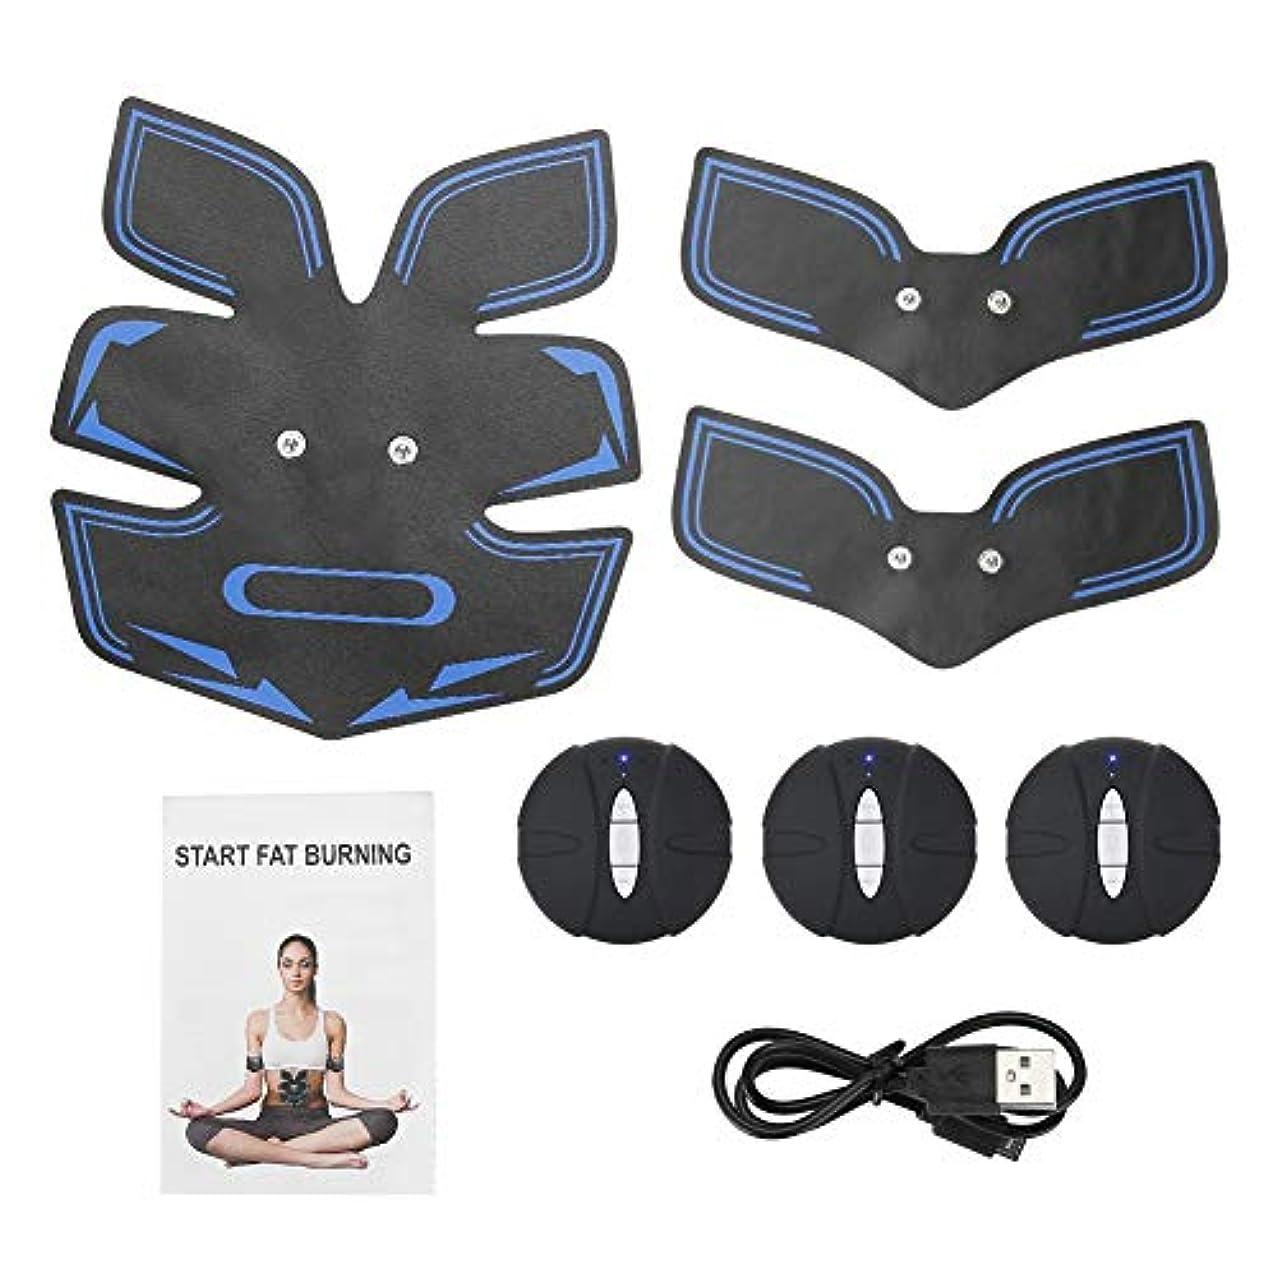 段階艶連結する電気筋肉装置、腹部のマッサージャーは女性および男性のための整形マッサージの効果を達成します